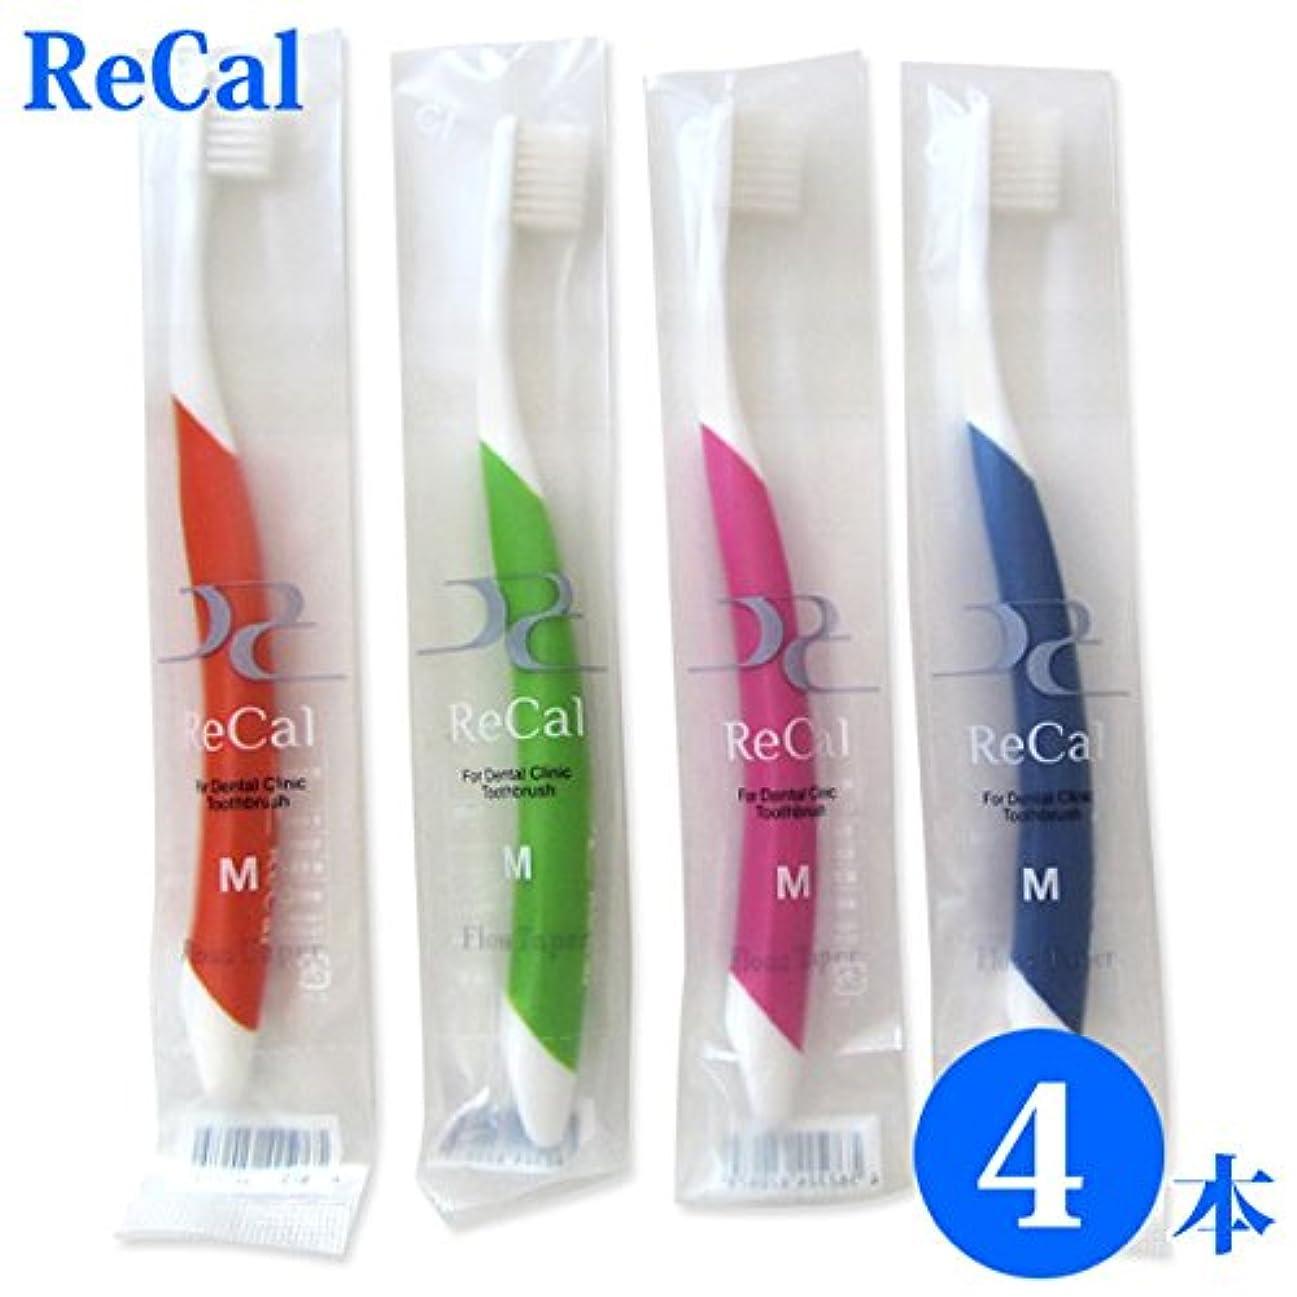 エゴイズムしなければならない効能あるリカル 4色セット 歯科医院専用商品 ReCal リカル M 大人用 一般 歯ブラシ4本 場合20本ま